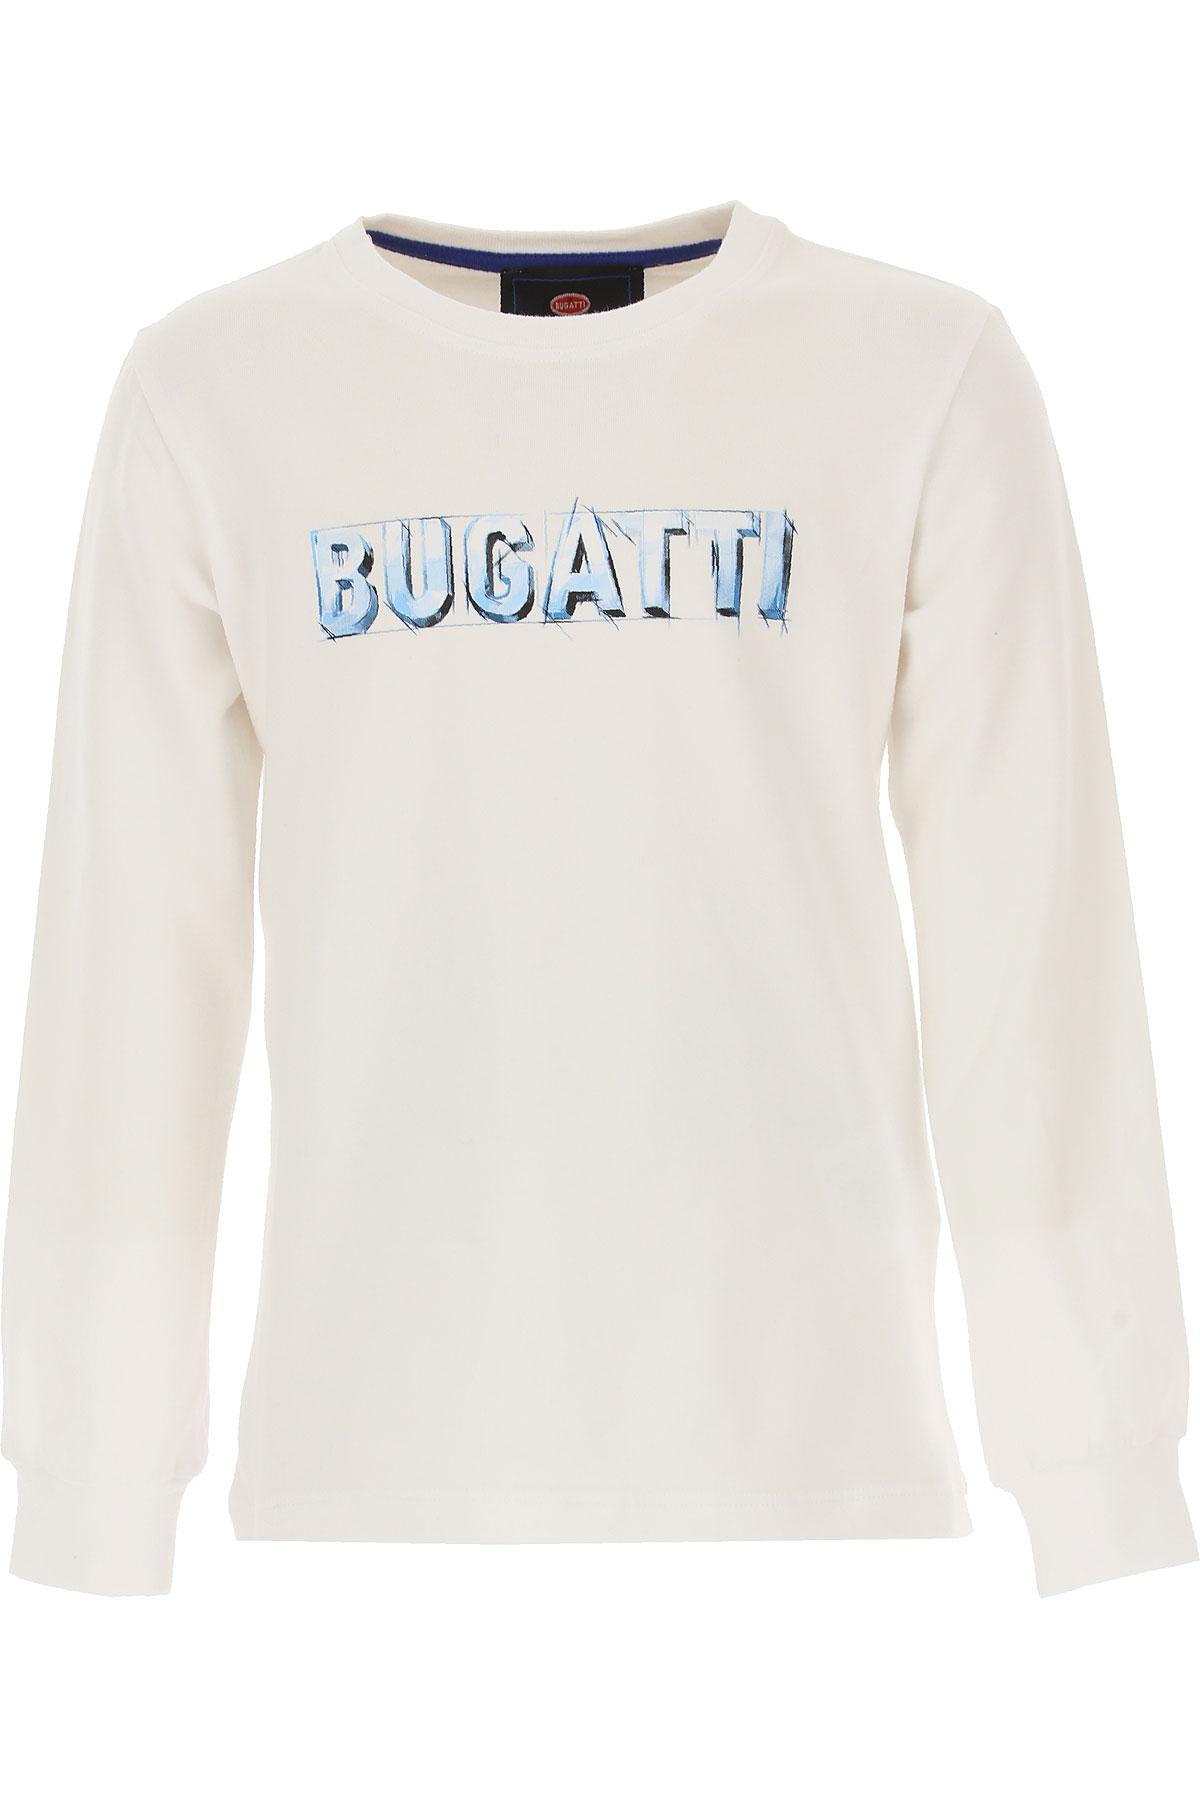 Bugatti Kids T-Shirt for Boys, White, Cotton, 2017, 2Y 3Y 4Y 5Y 6Y 7Y USA-487631